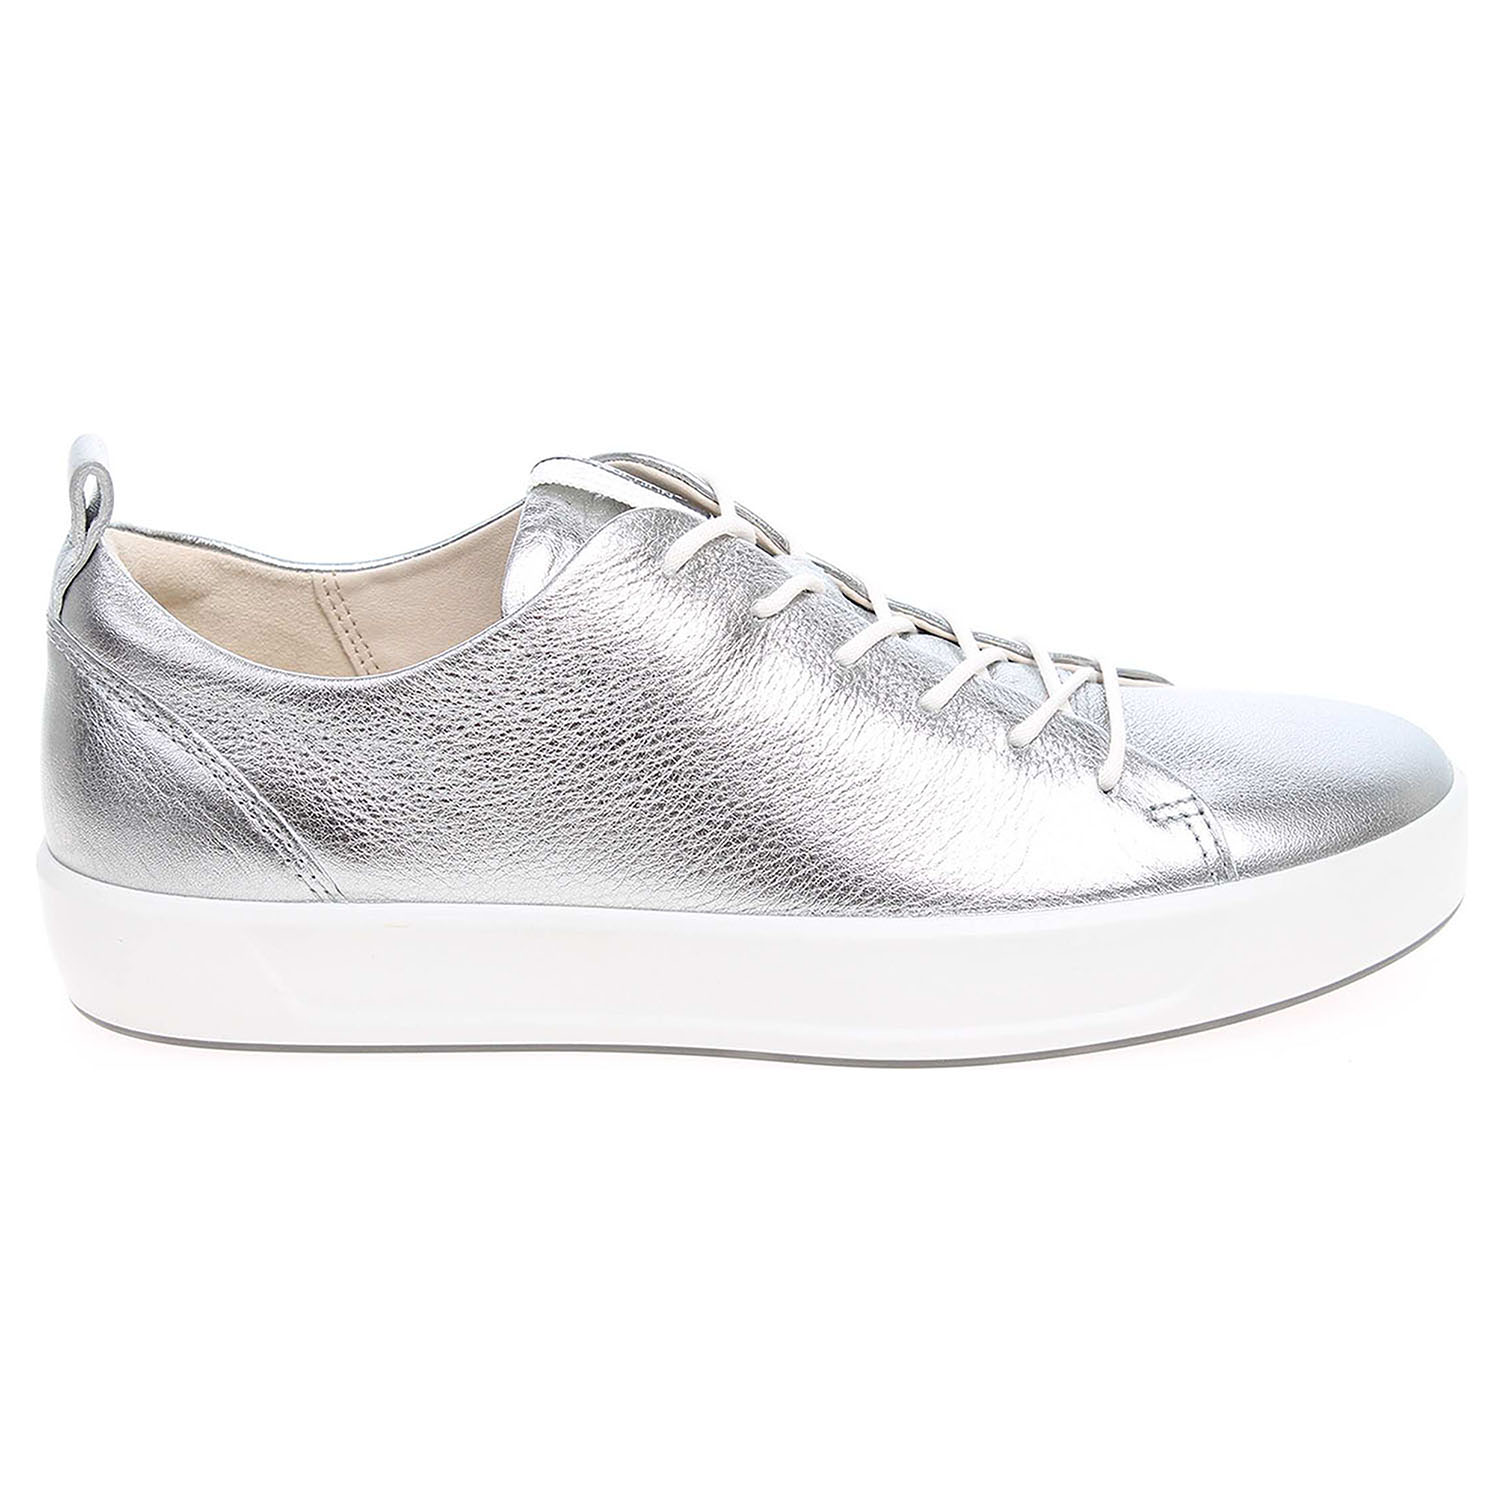 Ecco Soft 8 Ladies dámská obuv 44050301708 stříbrná 41